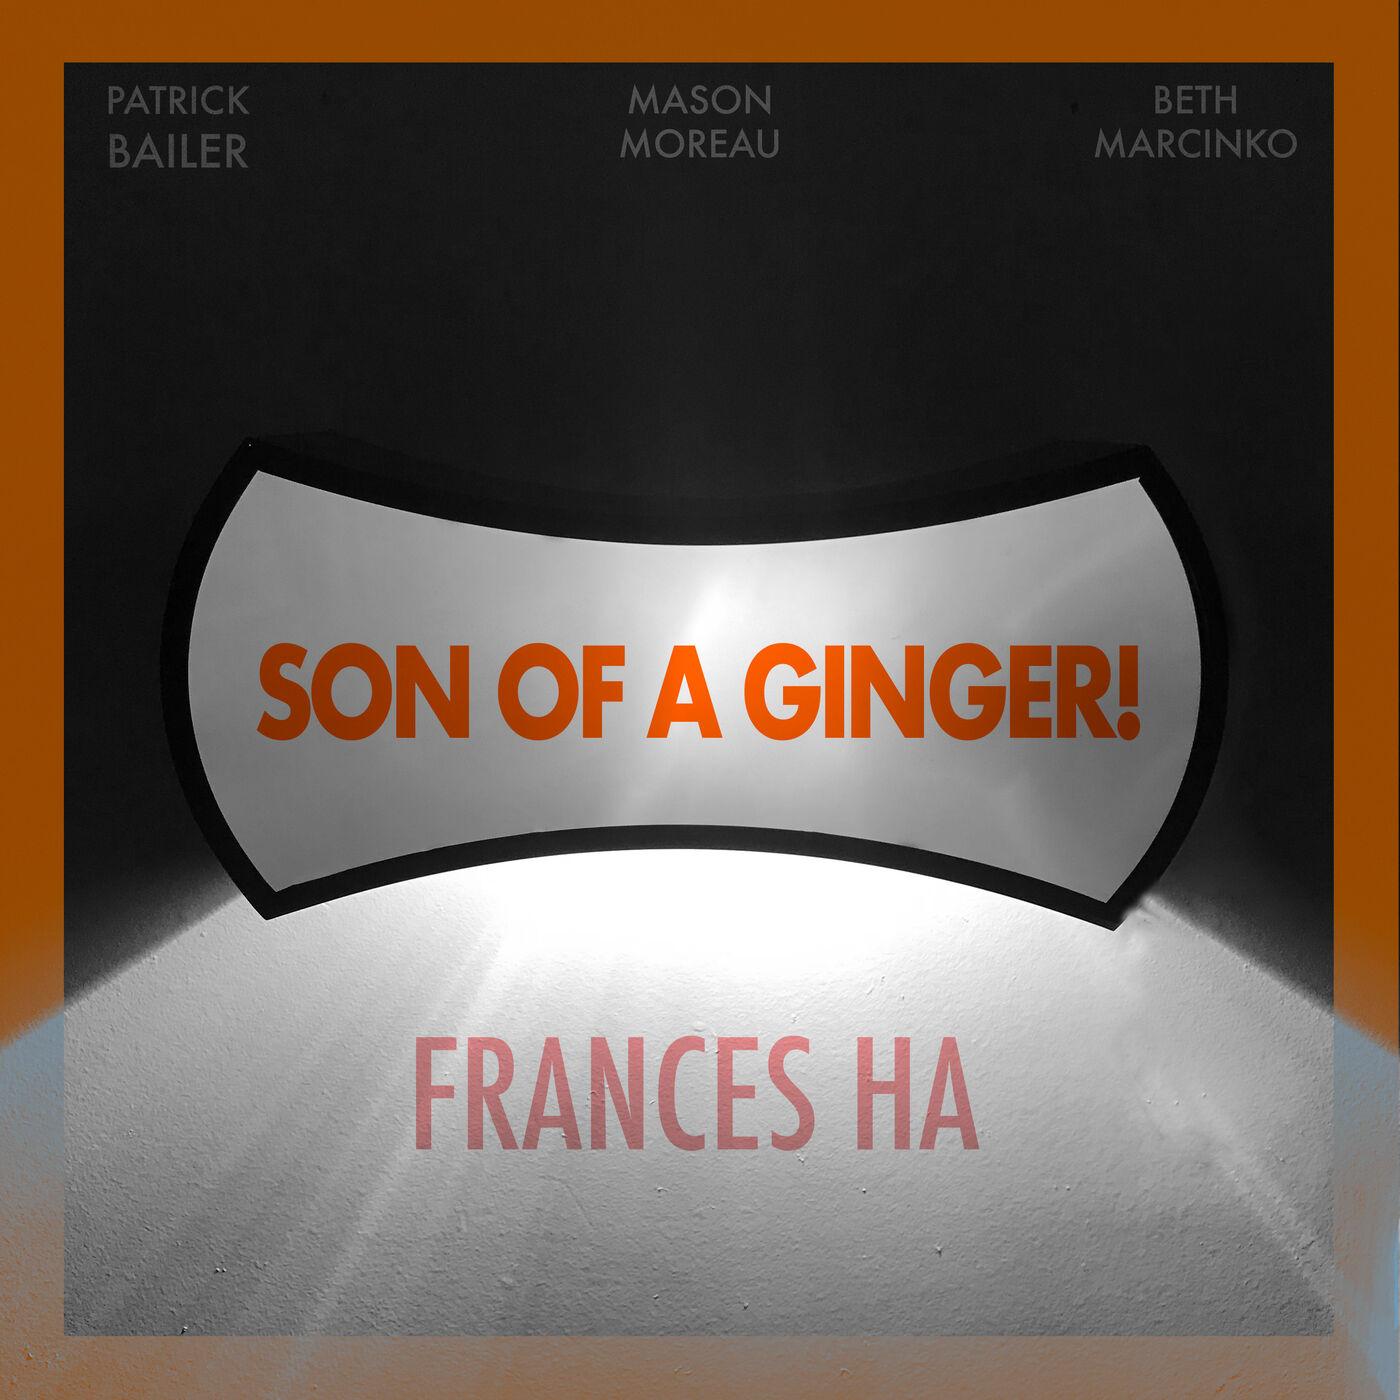 Frances Ha (Dir. by Noah Baumbach)